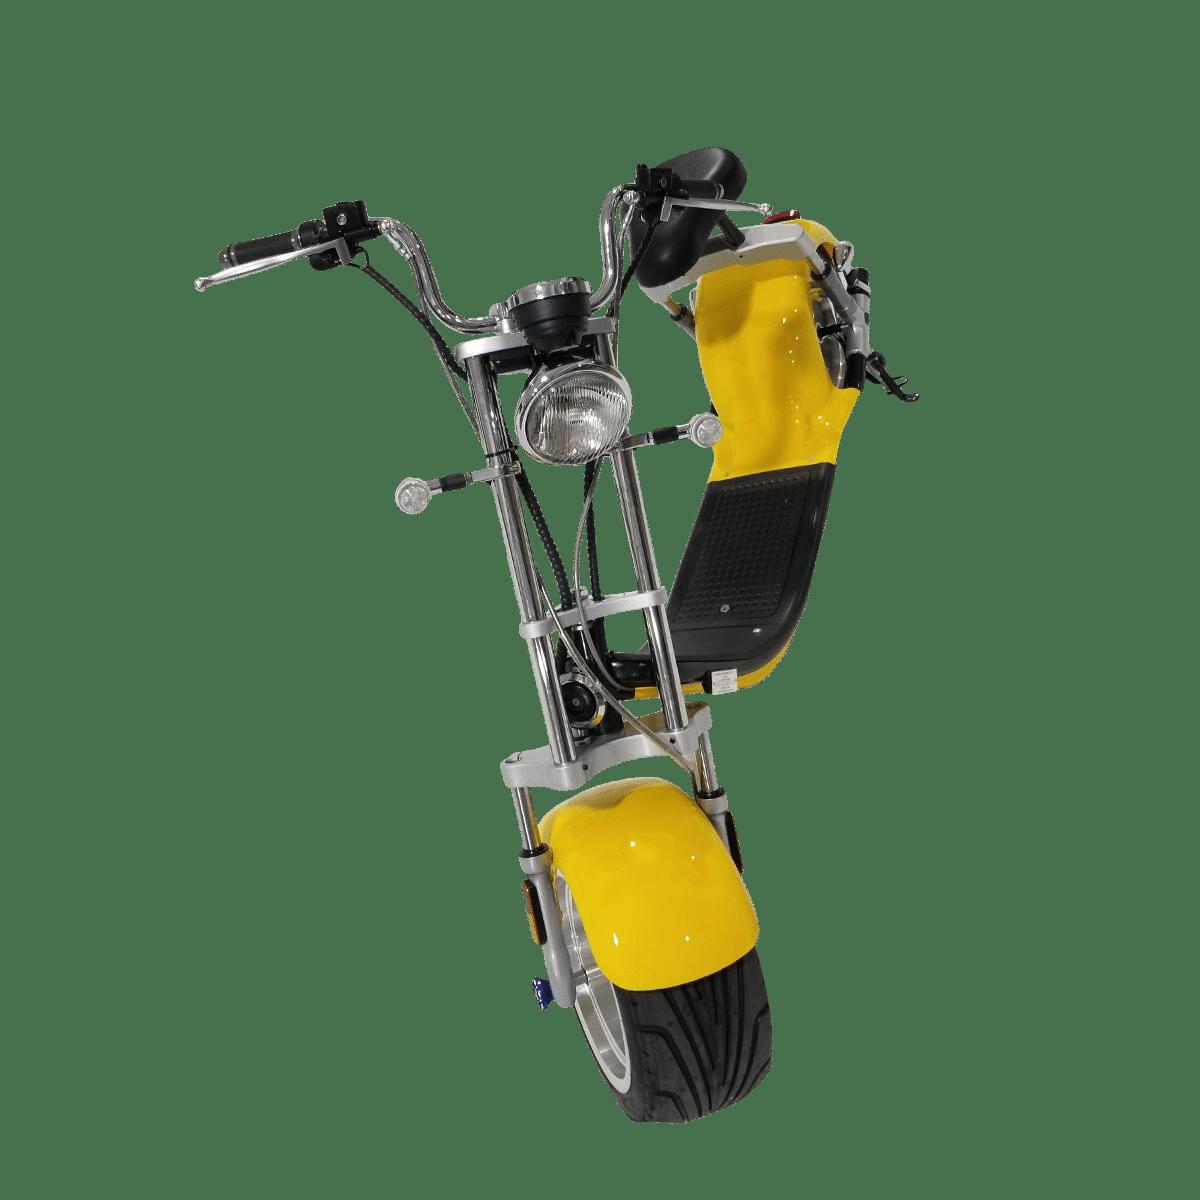 Citycoco Harley Deluxe Jaune 1190€ 18